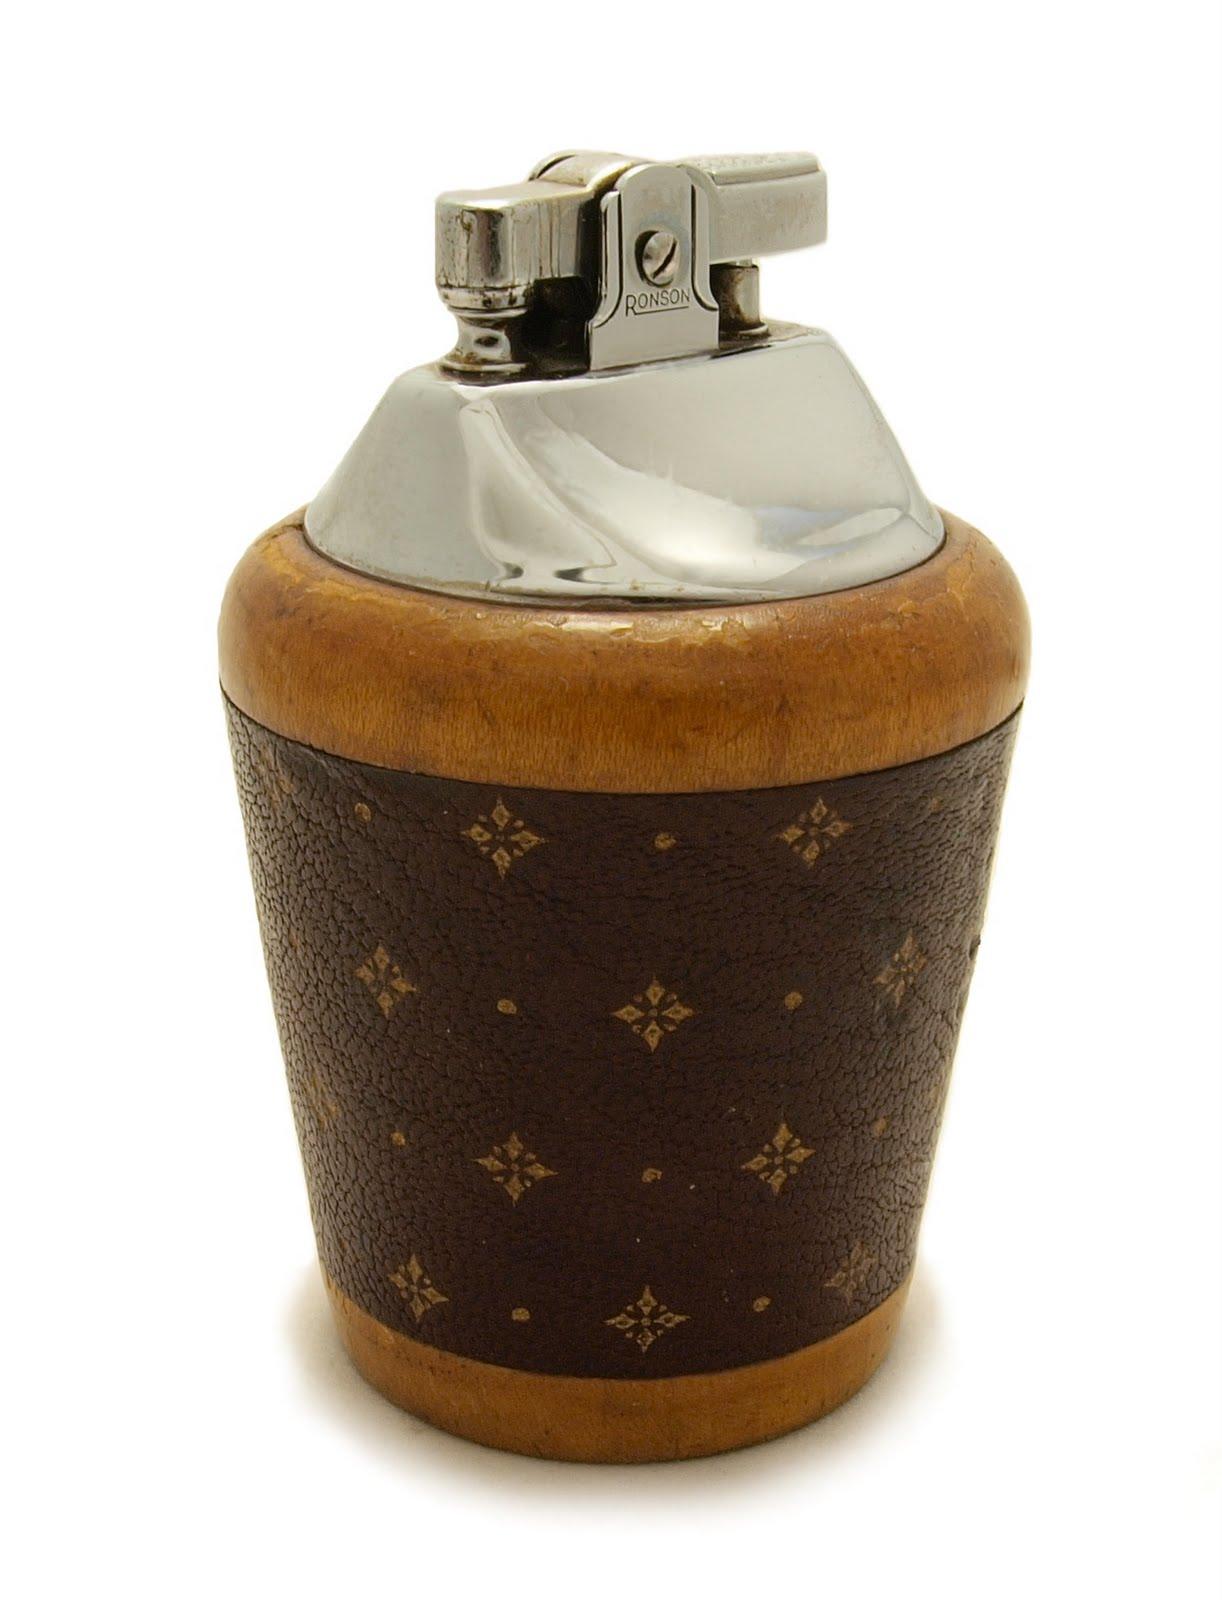 Ronson Moderna Venetian Table Lighter 1954